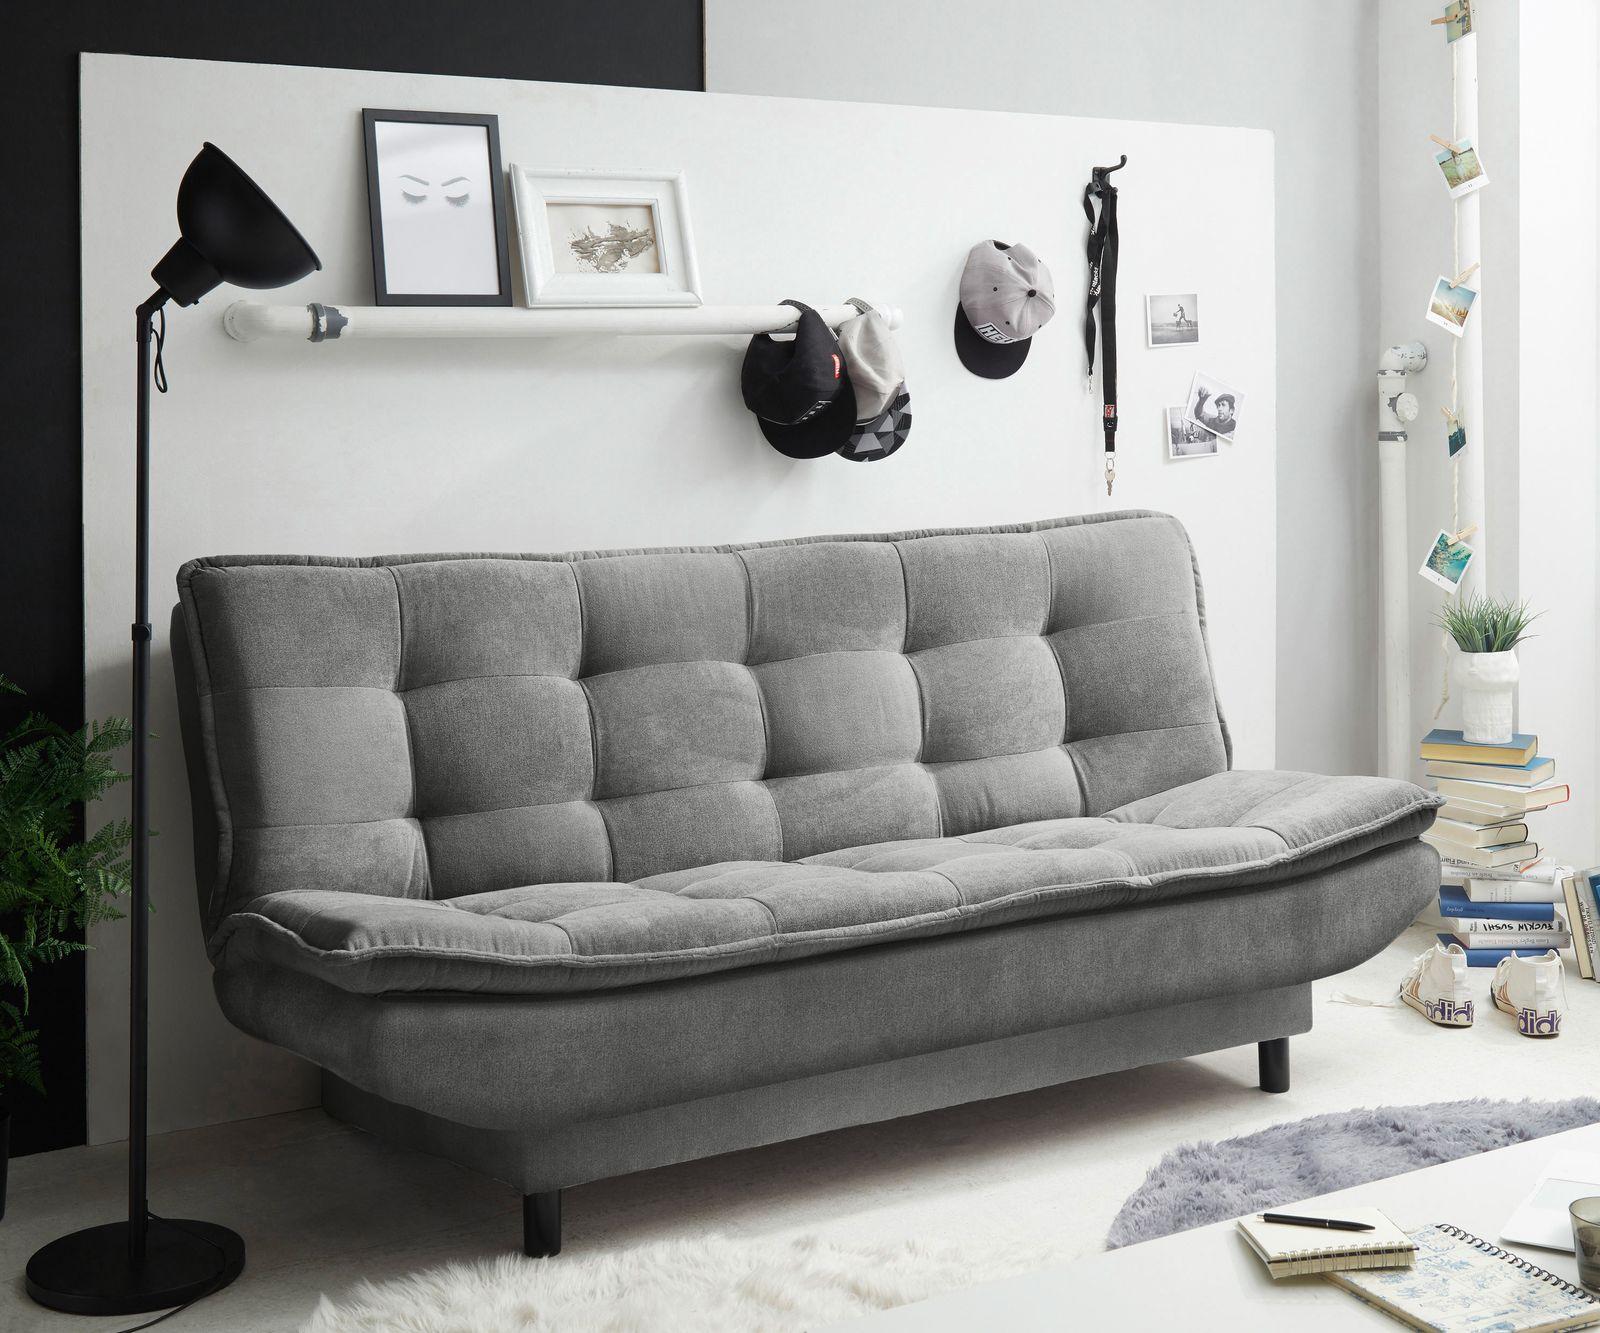 Schlafsofa Paavo 188x90 cm Dunkelgrau 2-Sitzer Bettkasten